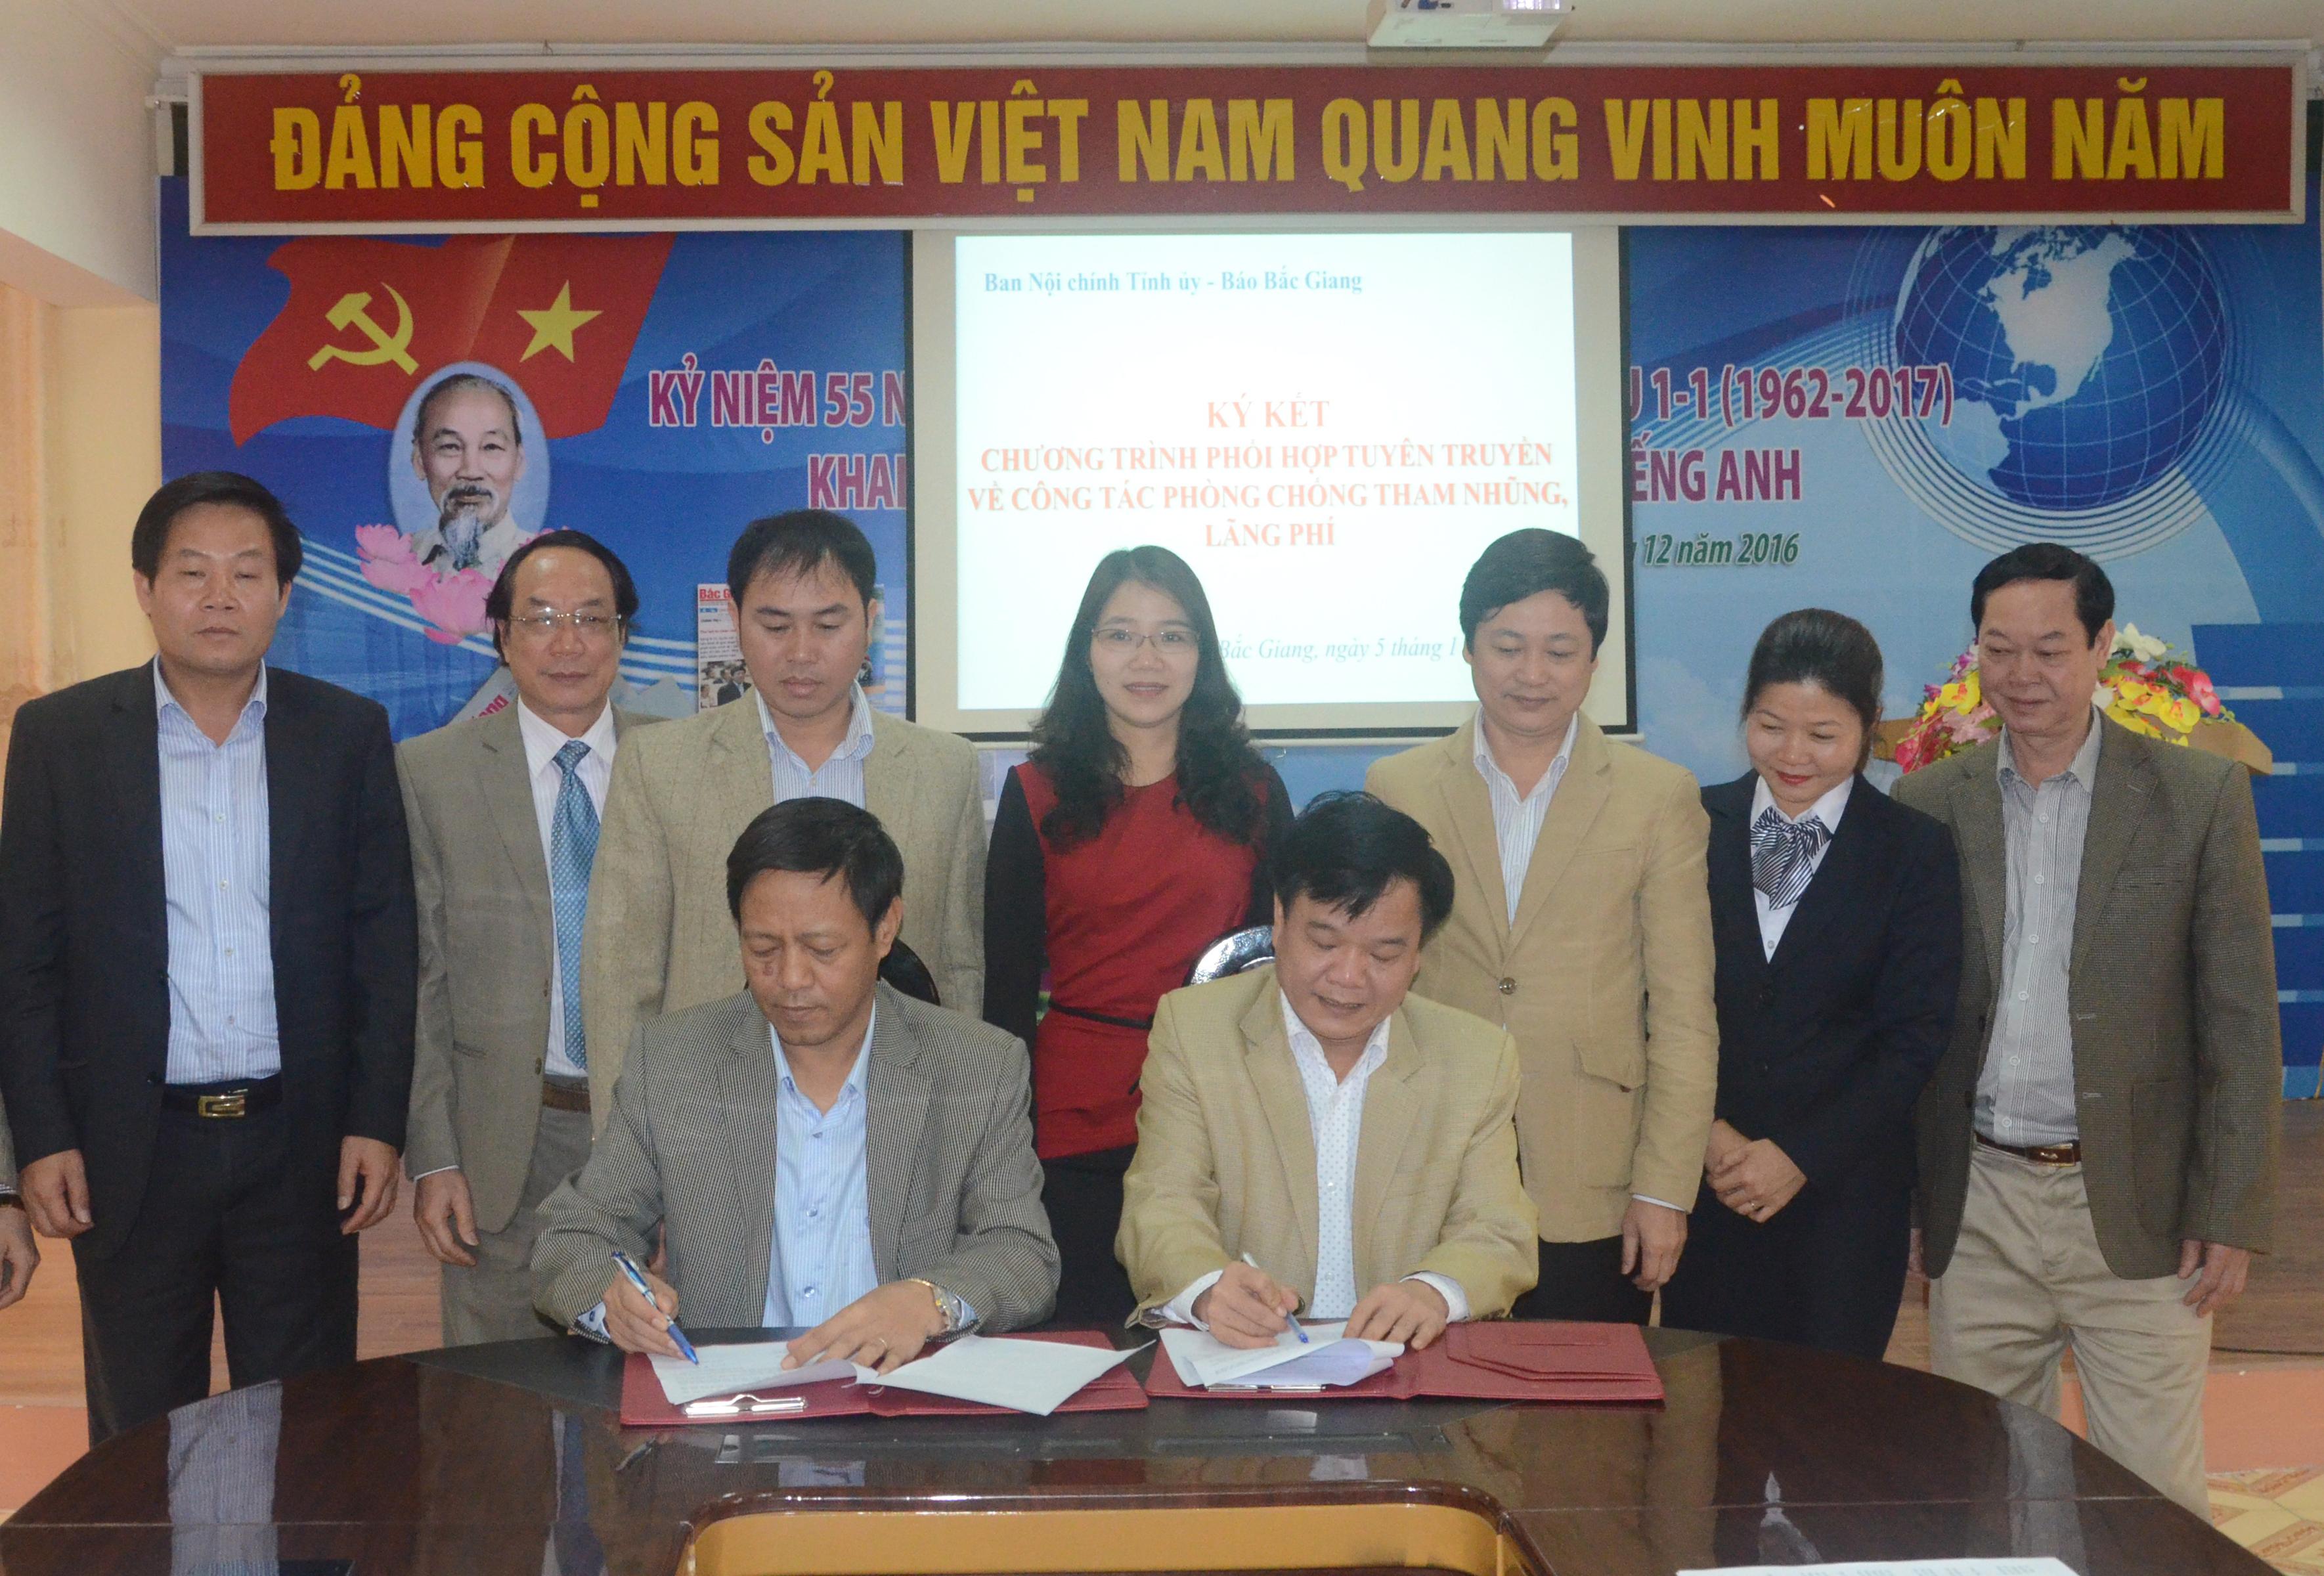 Ban Nội chính Tỉnh ủy - Báo Bắc Giang ký kết tuyên truyền về phòng chống tham nhũng, lãng phí